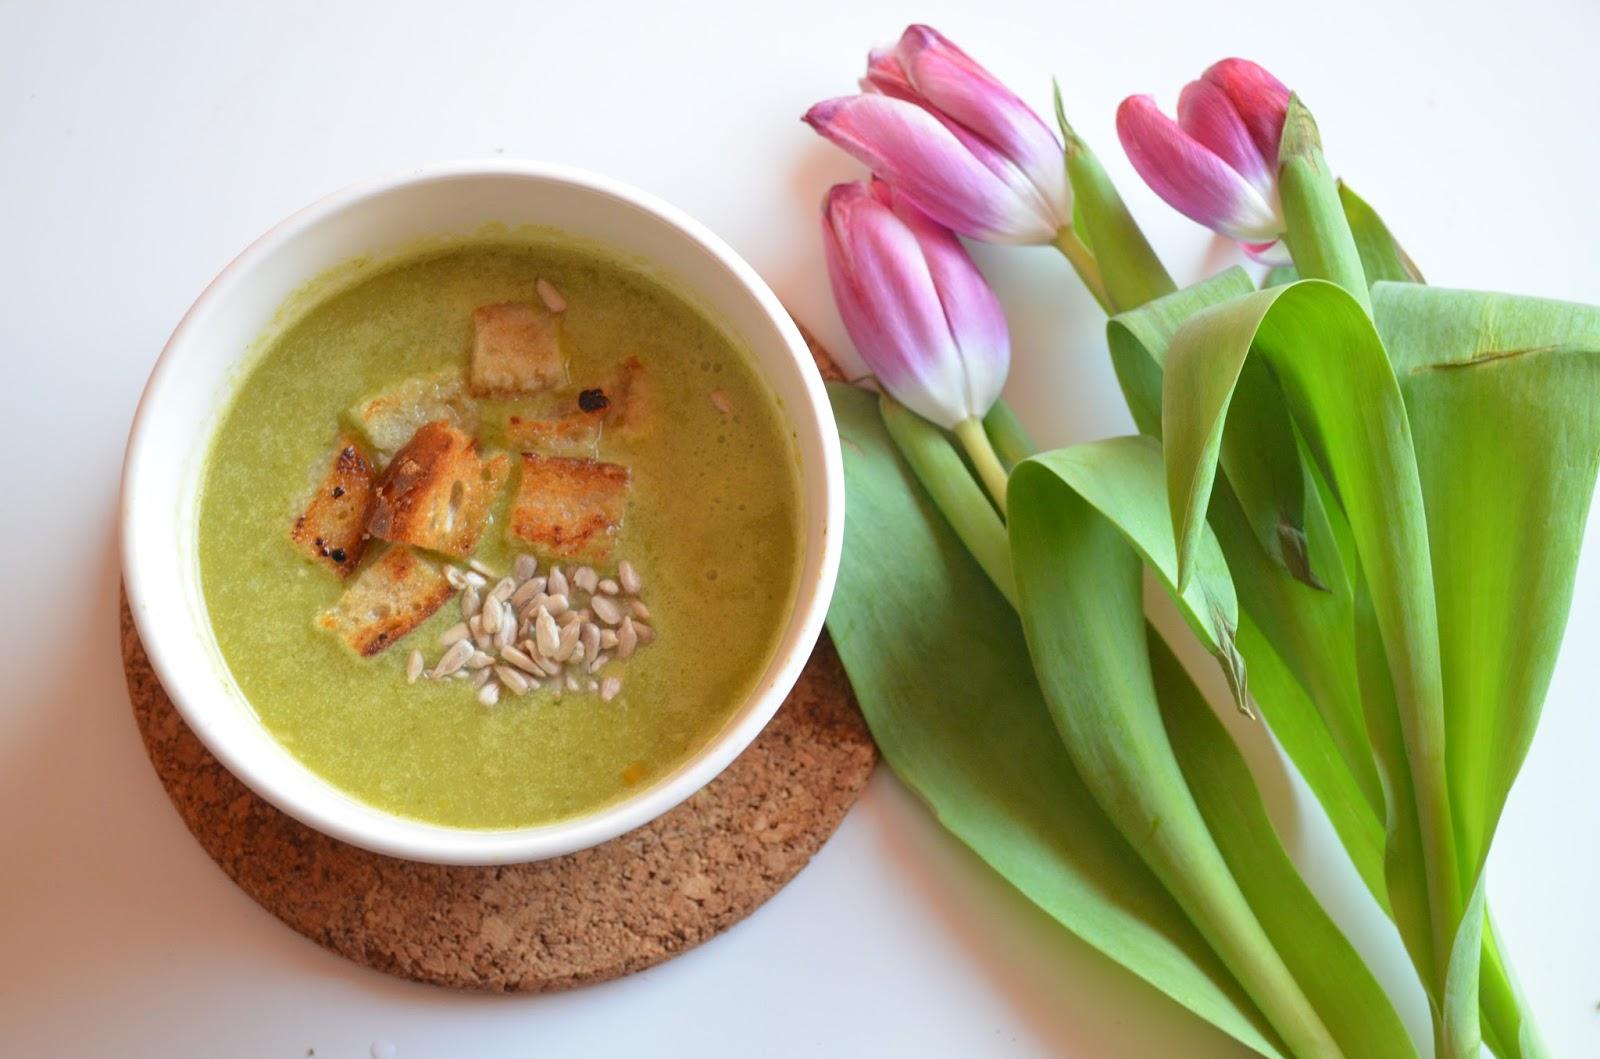 Zupa, czyli danie idealne